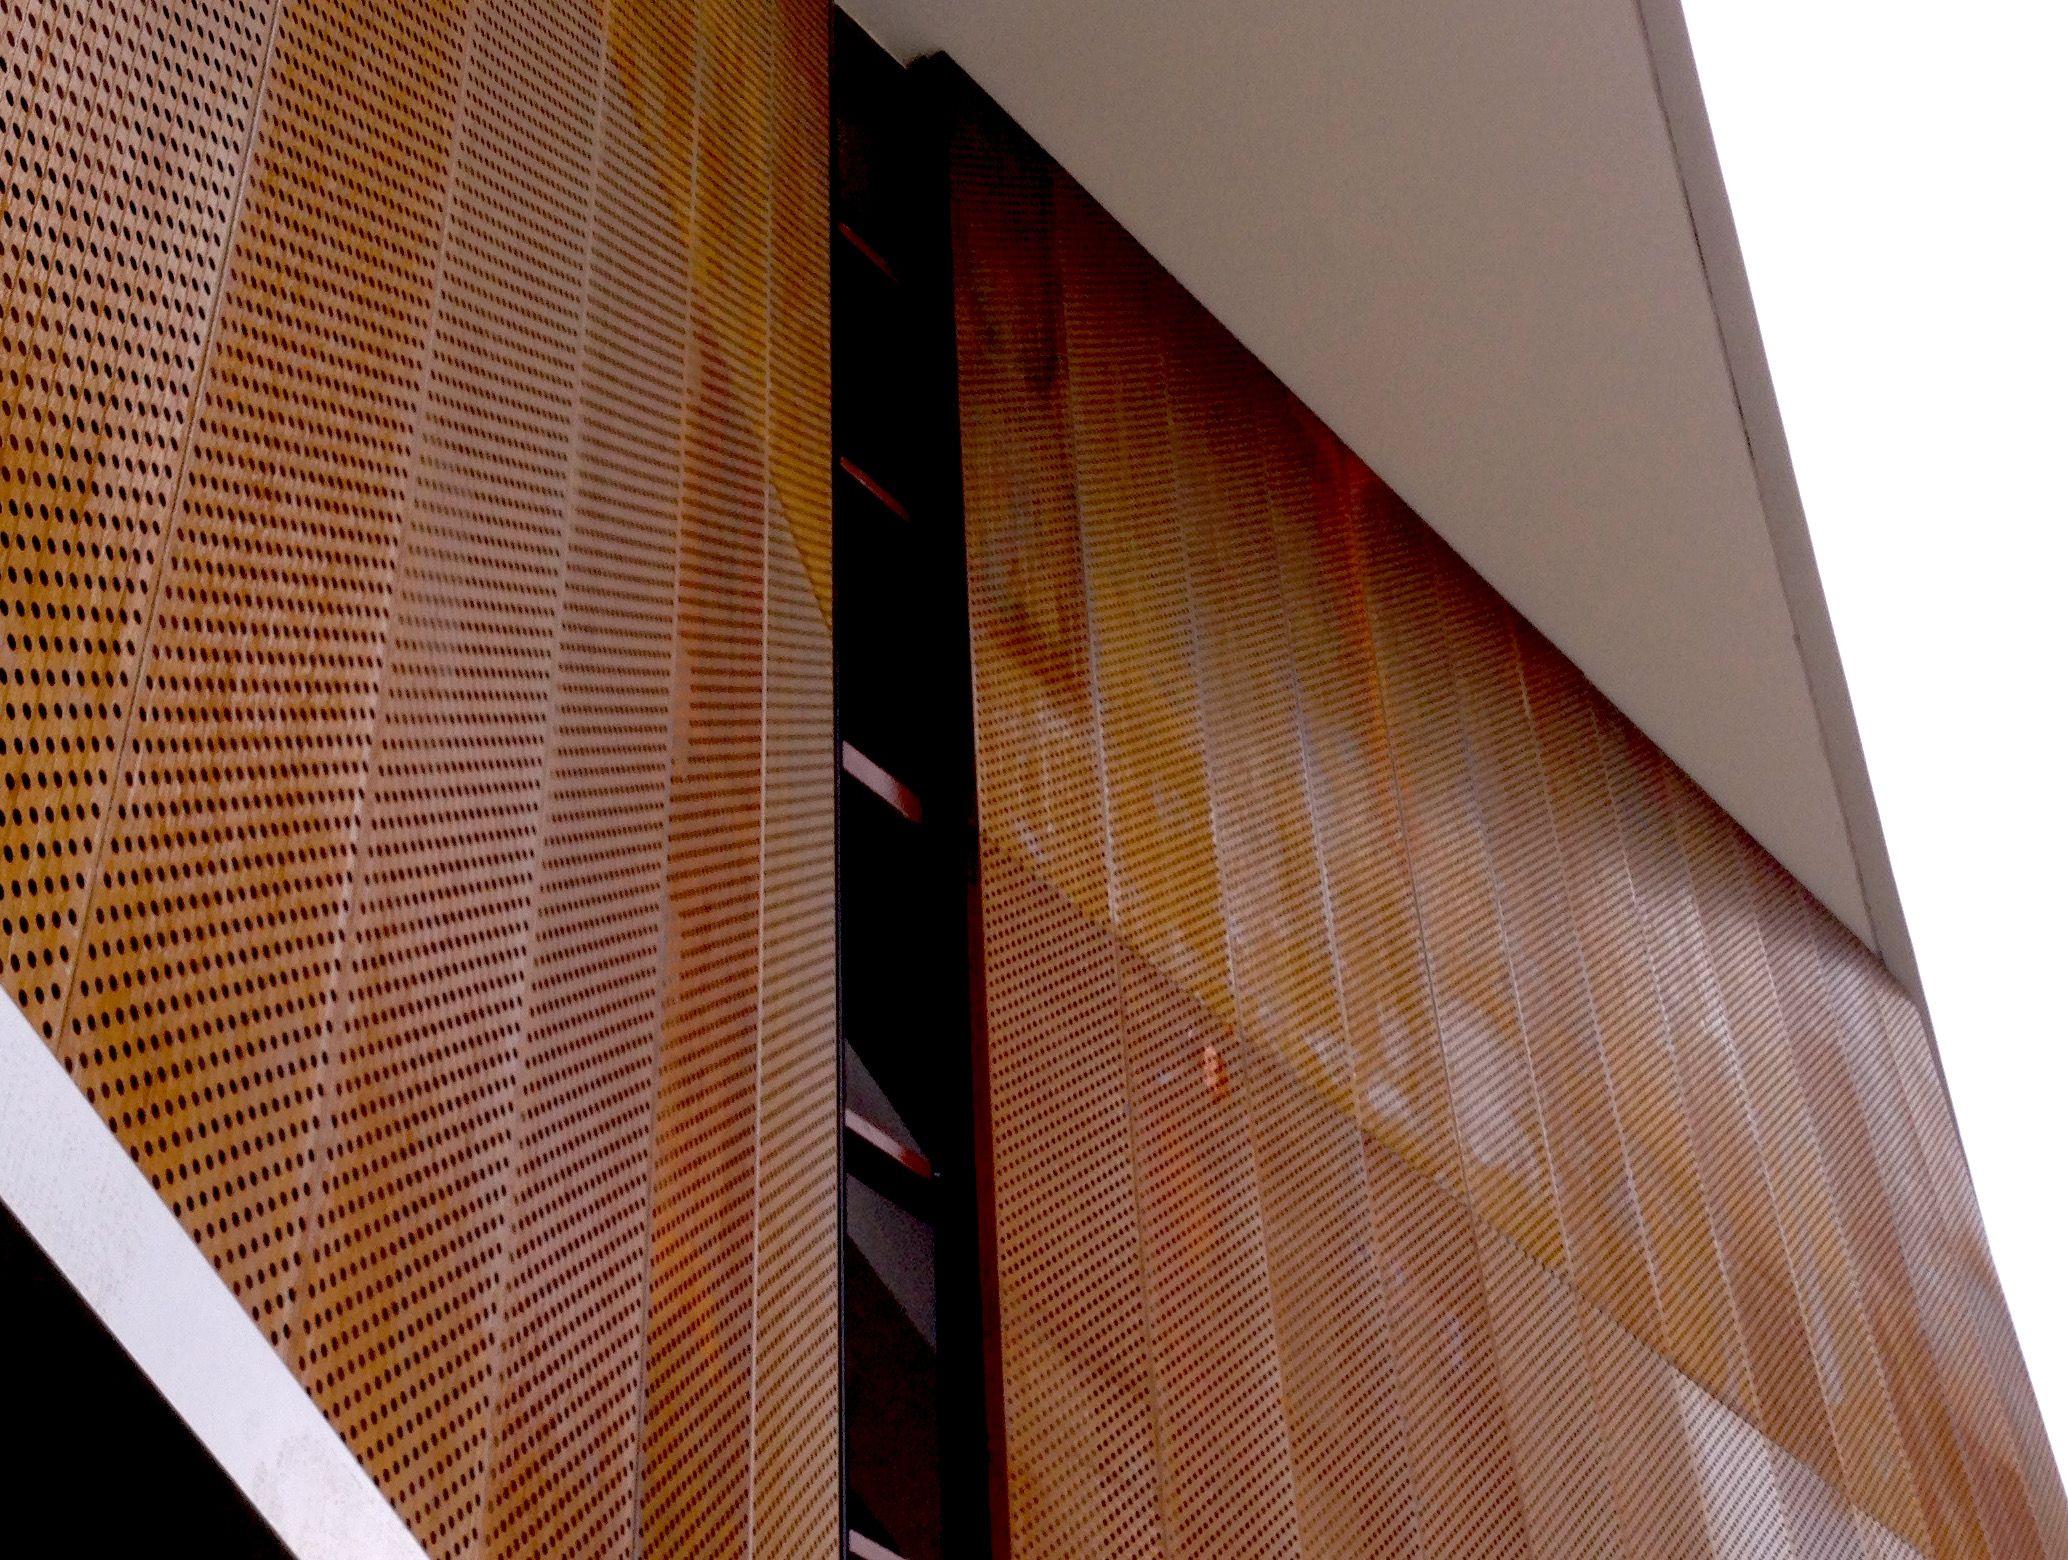 Detalle fachada en acero corten perforado arquitectura for Fachada acero corten